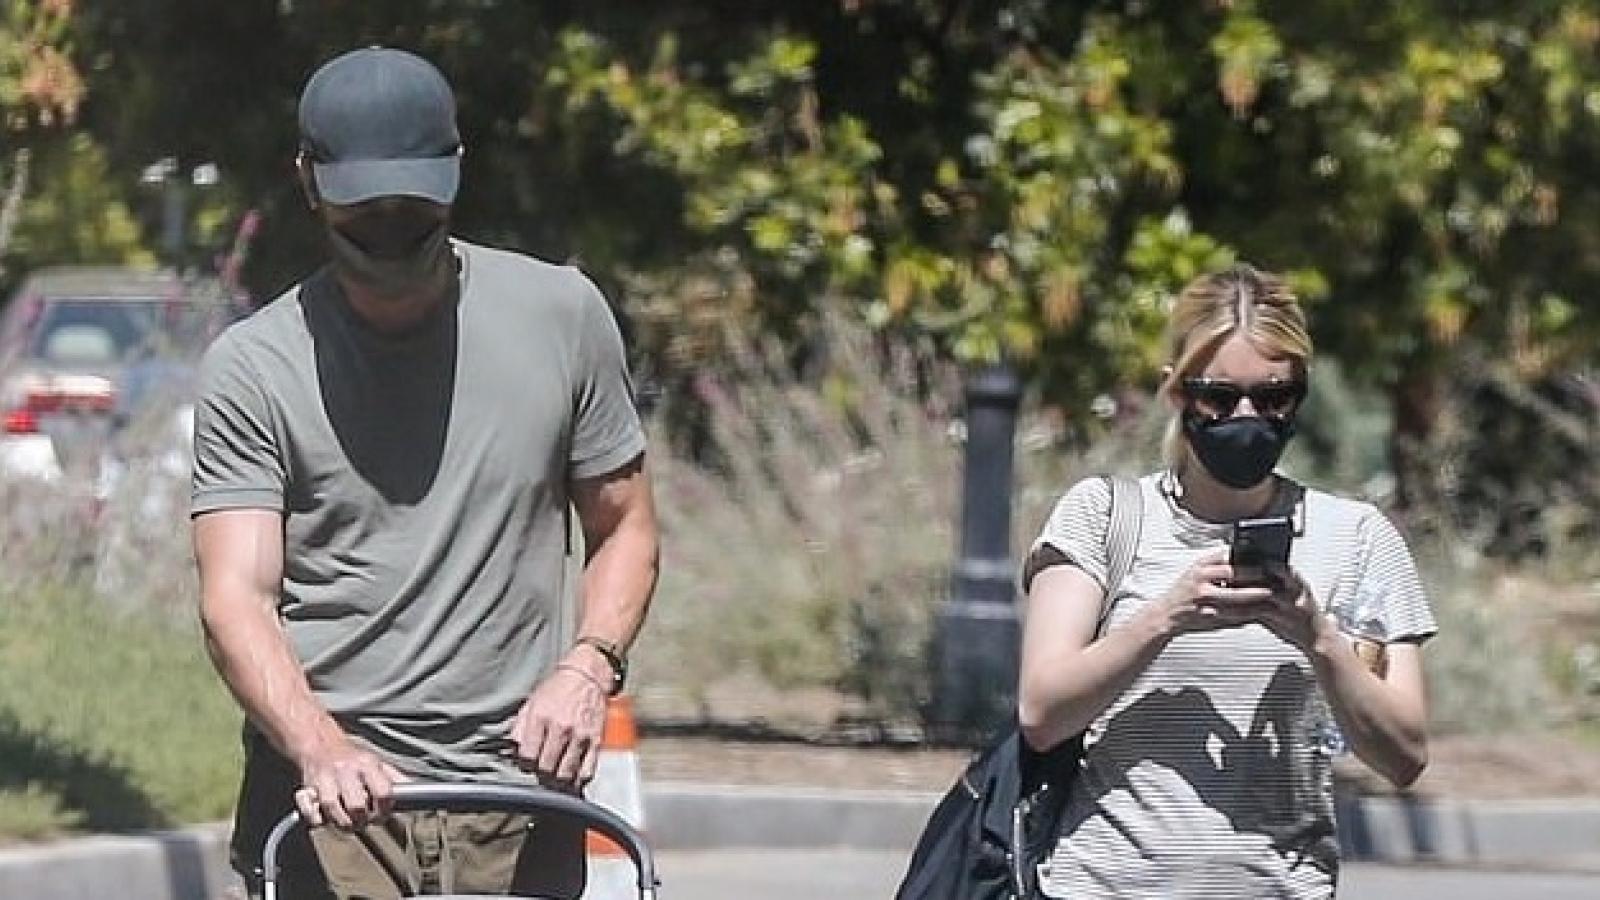 Emma Roberts mải mê xem điện thoại khi cùng bạn trai đưa con đi chơi